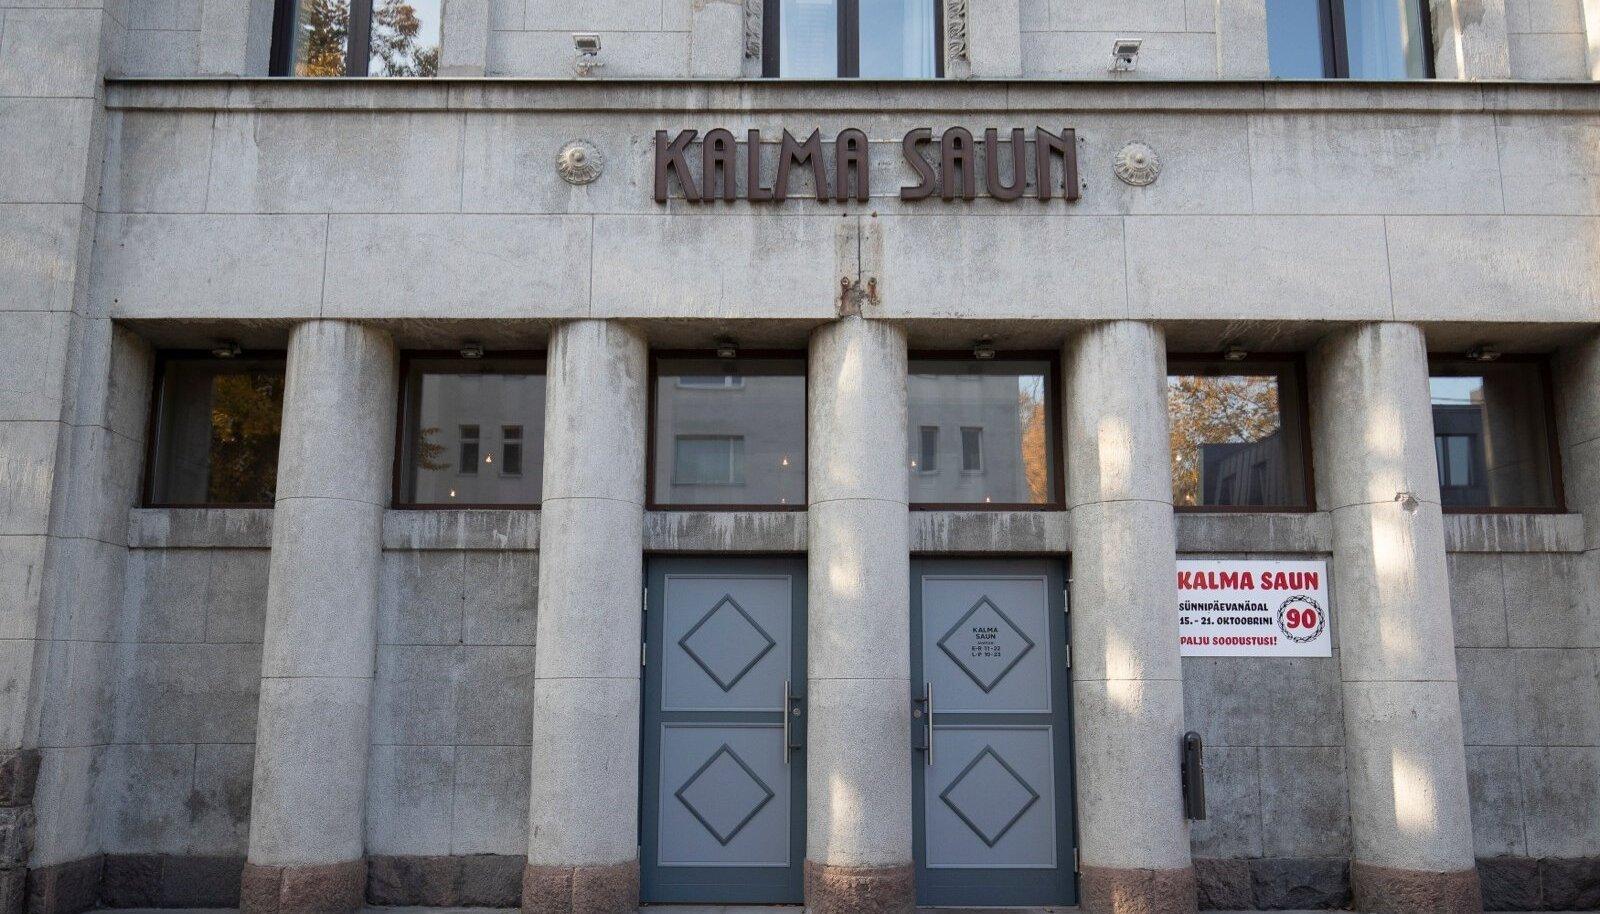 Tallinnas saab linnasaunu üles lugeda ühe käe sõrmedel. Kalma saun on teistest peajagu üle, kiidavad asjatundjad.